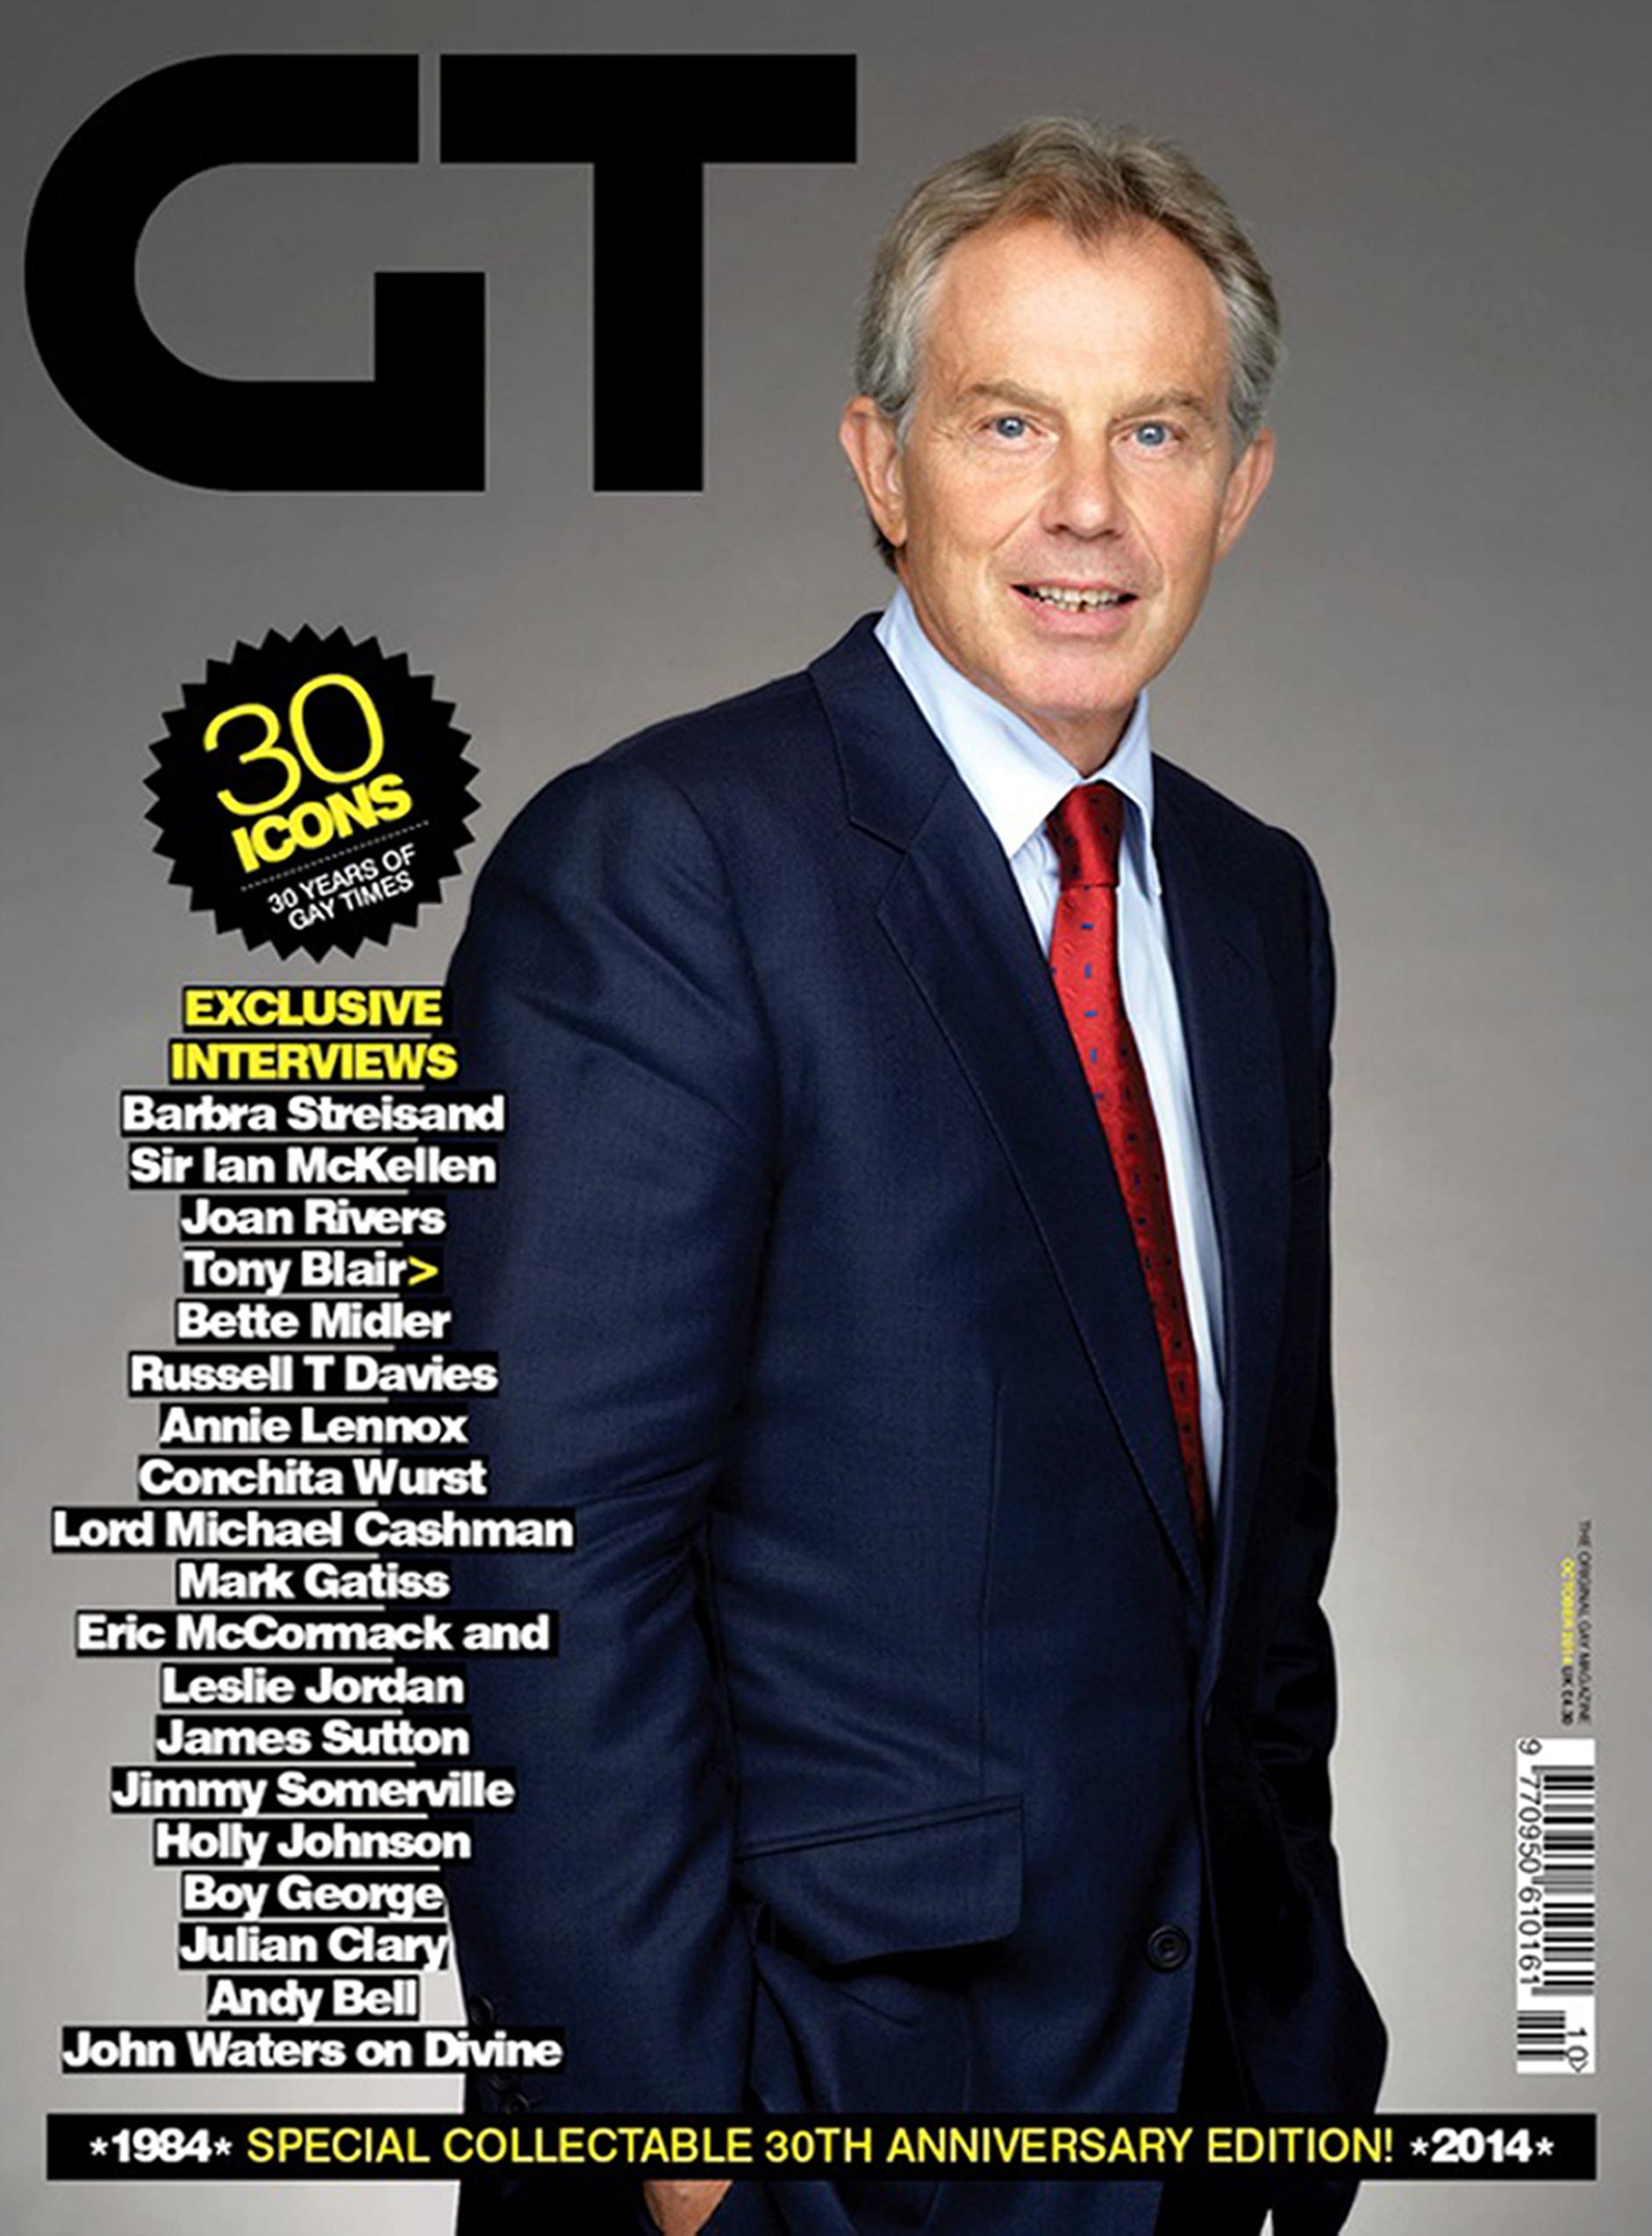 Tony Blair named top gay icon Gay Times